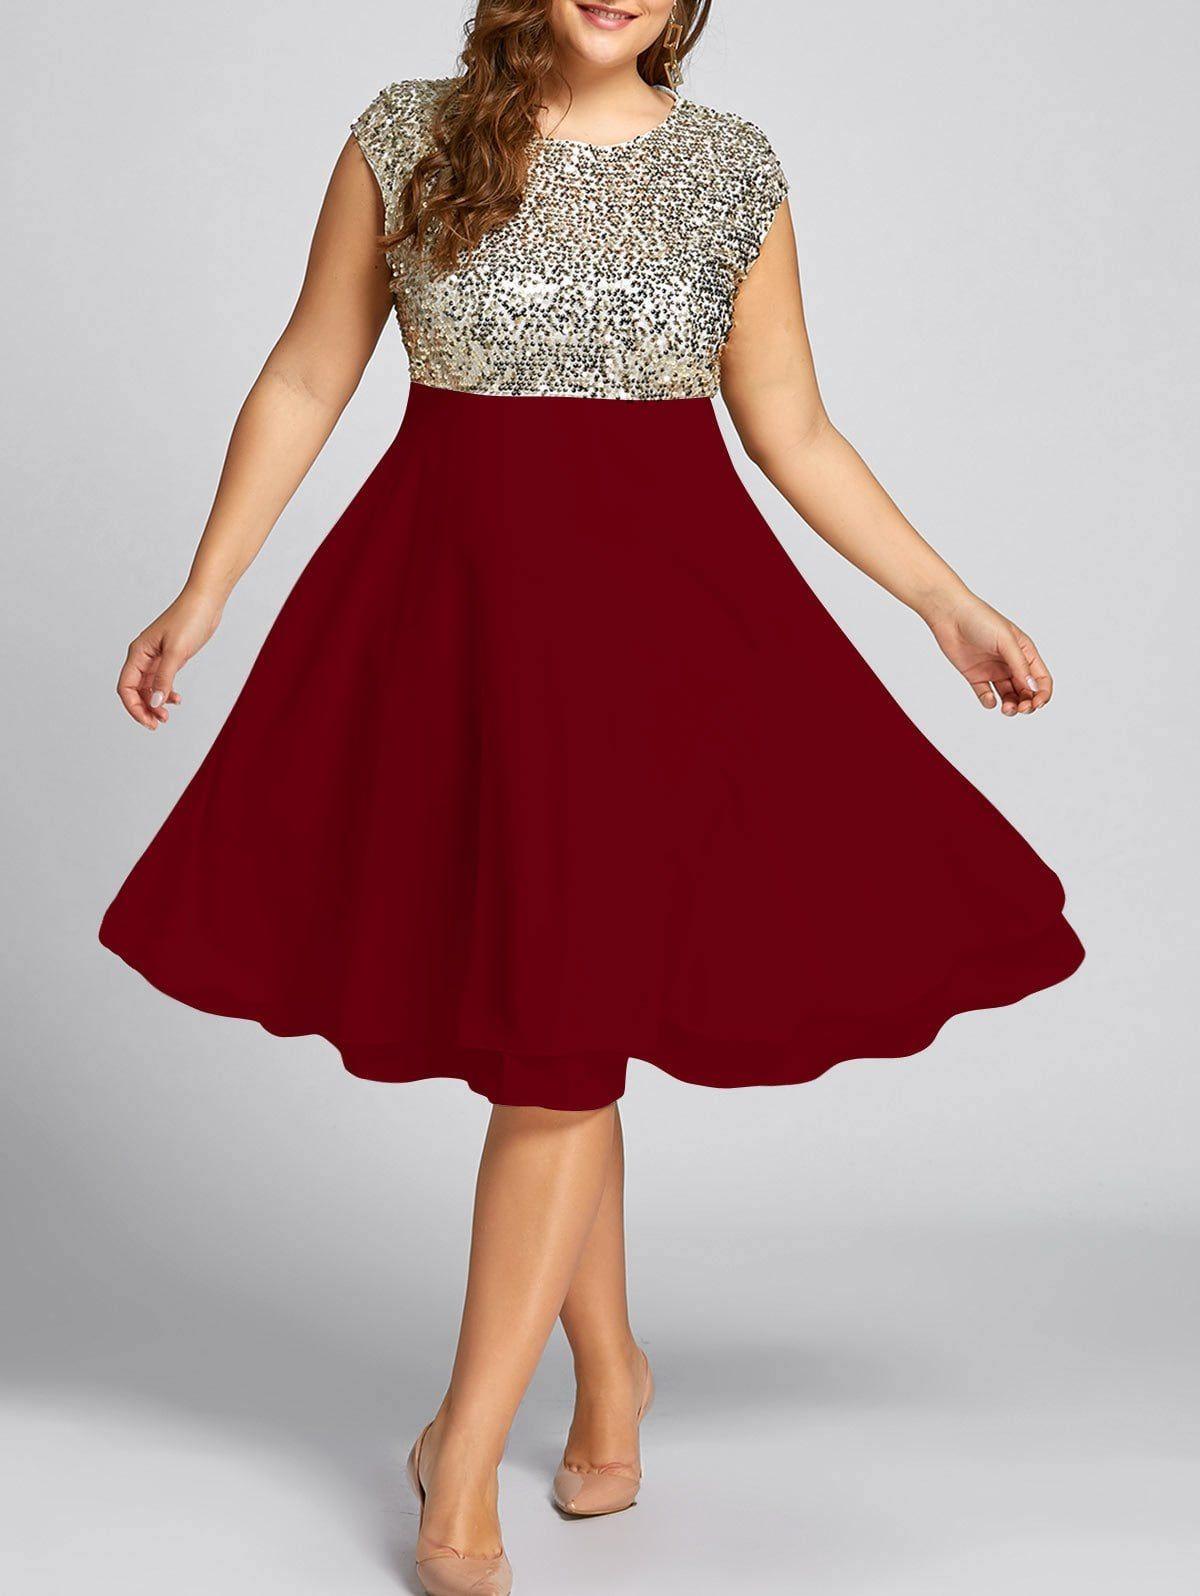 70f502795e4 Flounce Plus Size Sparkly Sequin Cocktail Dress